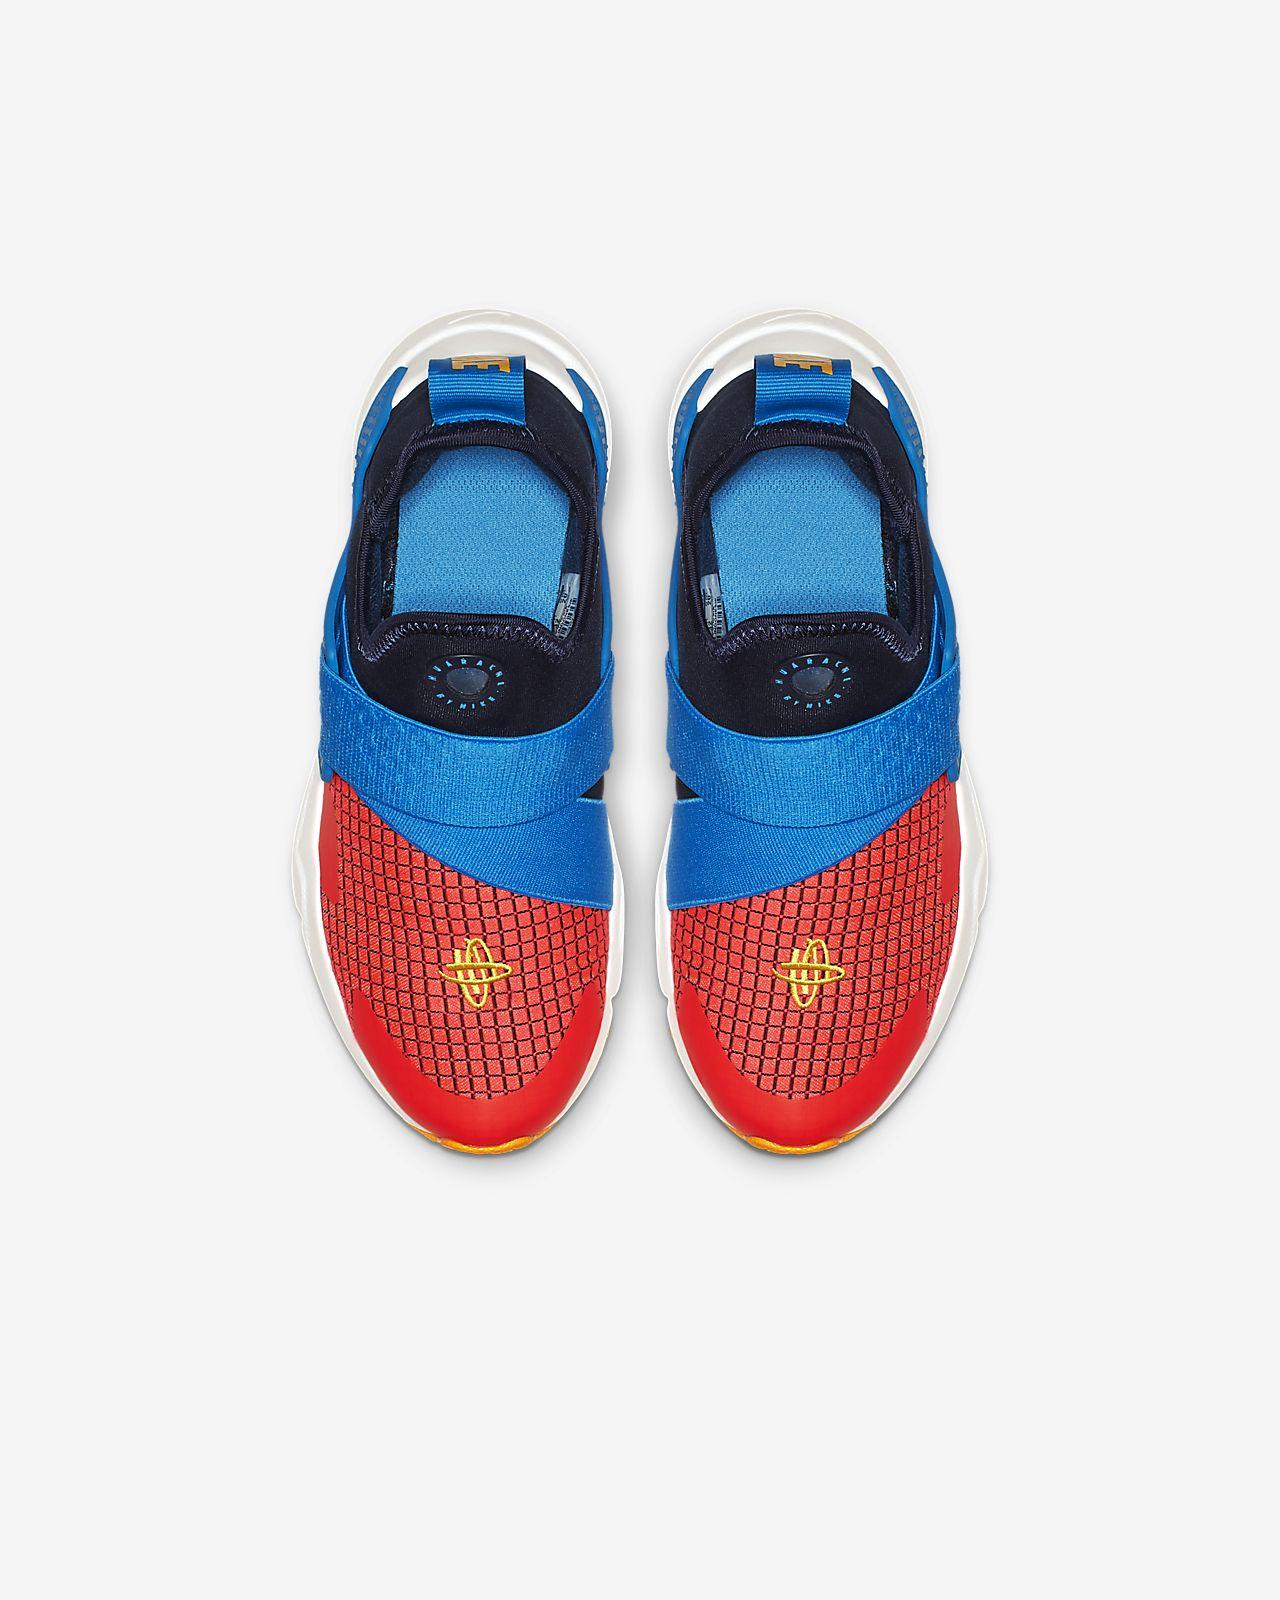 6a98ba4268df Nike Huarache Extreme Now Little Kids  Shoe. Nike.com